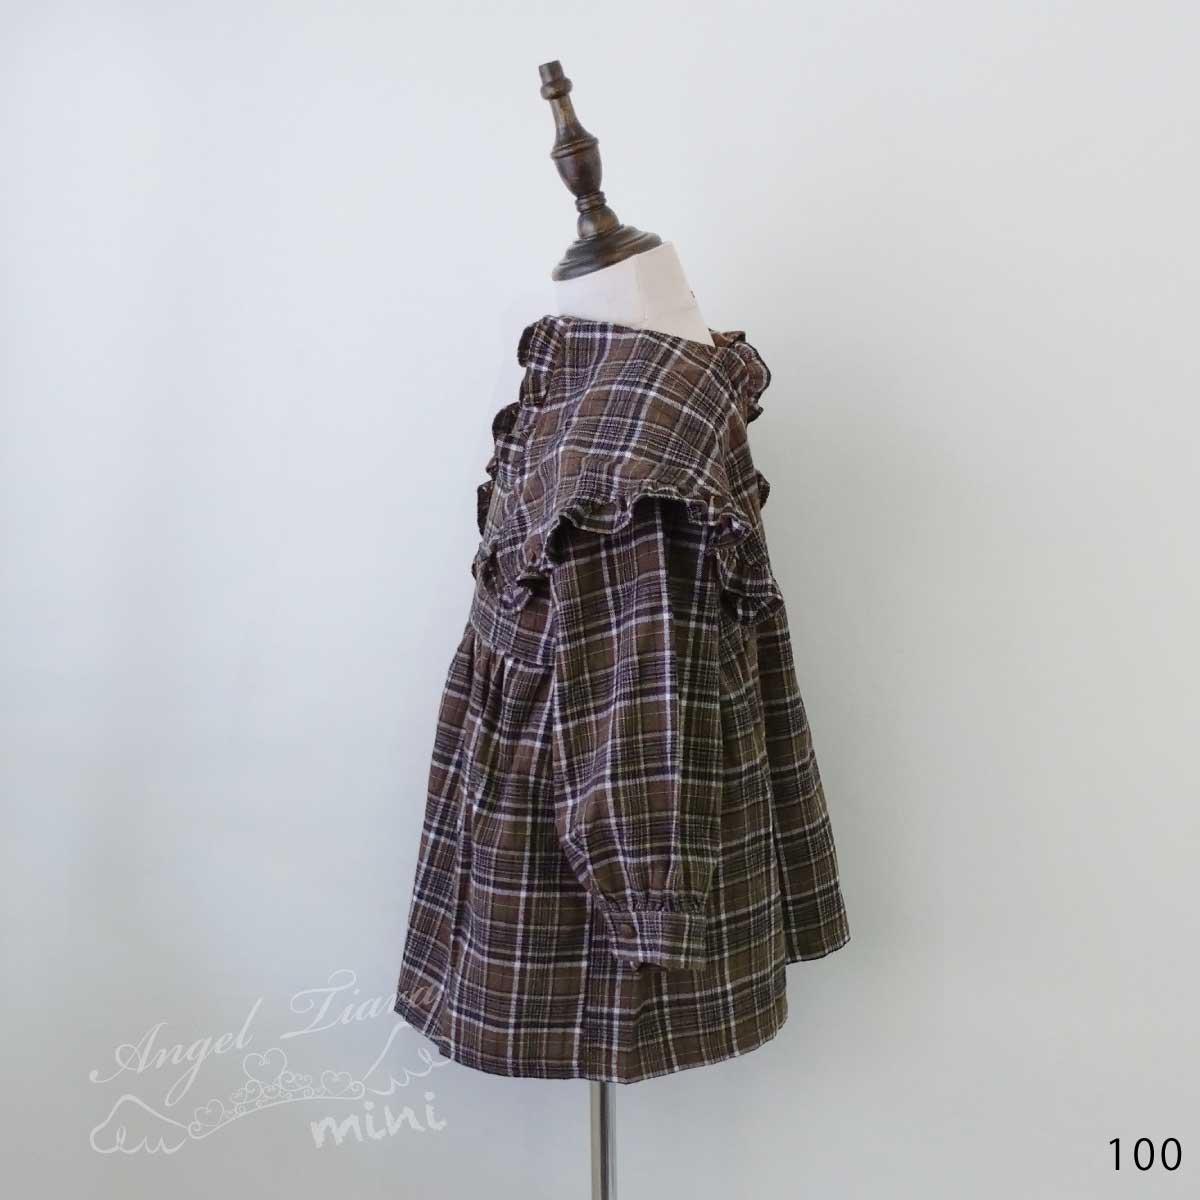 子供服 キッズ 女の子 ワンピース 長袖 ブラウン チェックワンピース ワンピ オシャレ クラシカル KG100